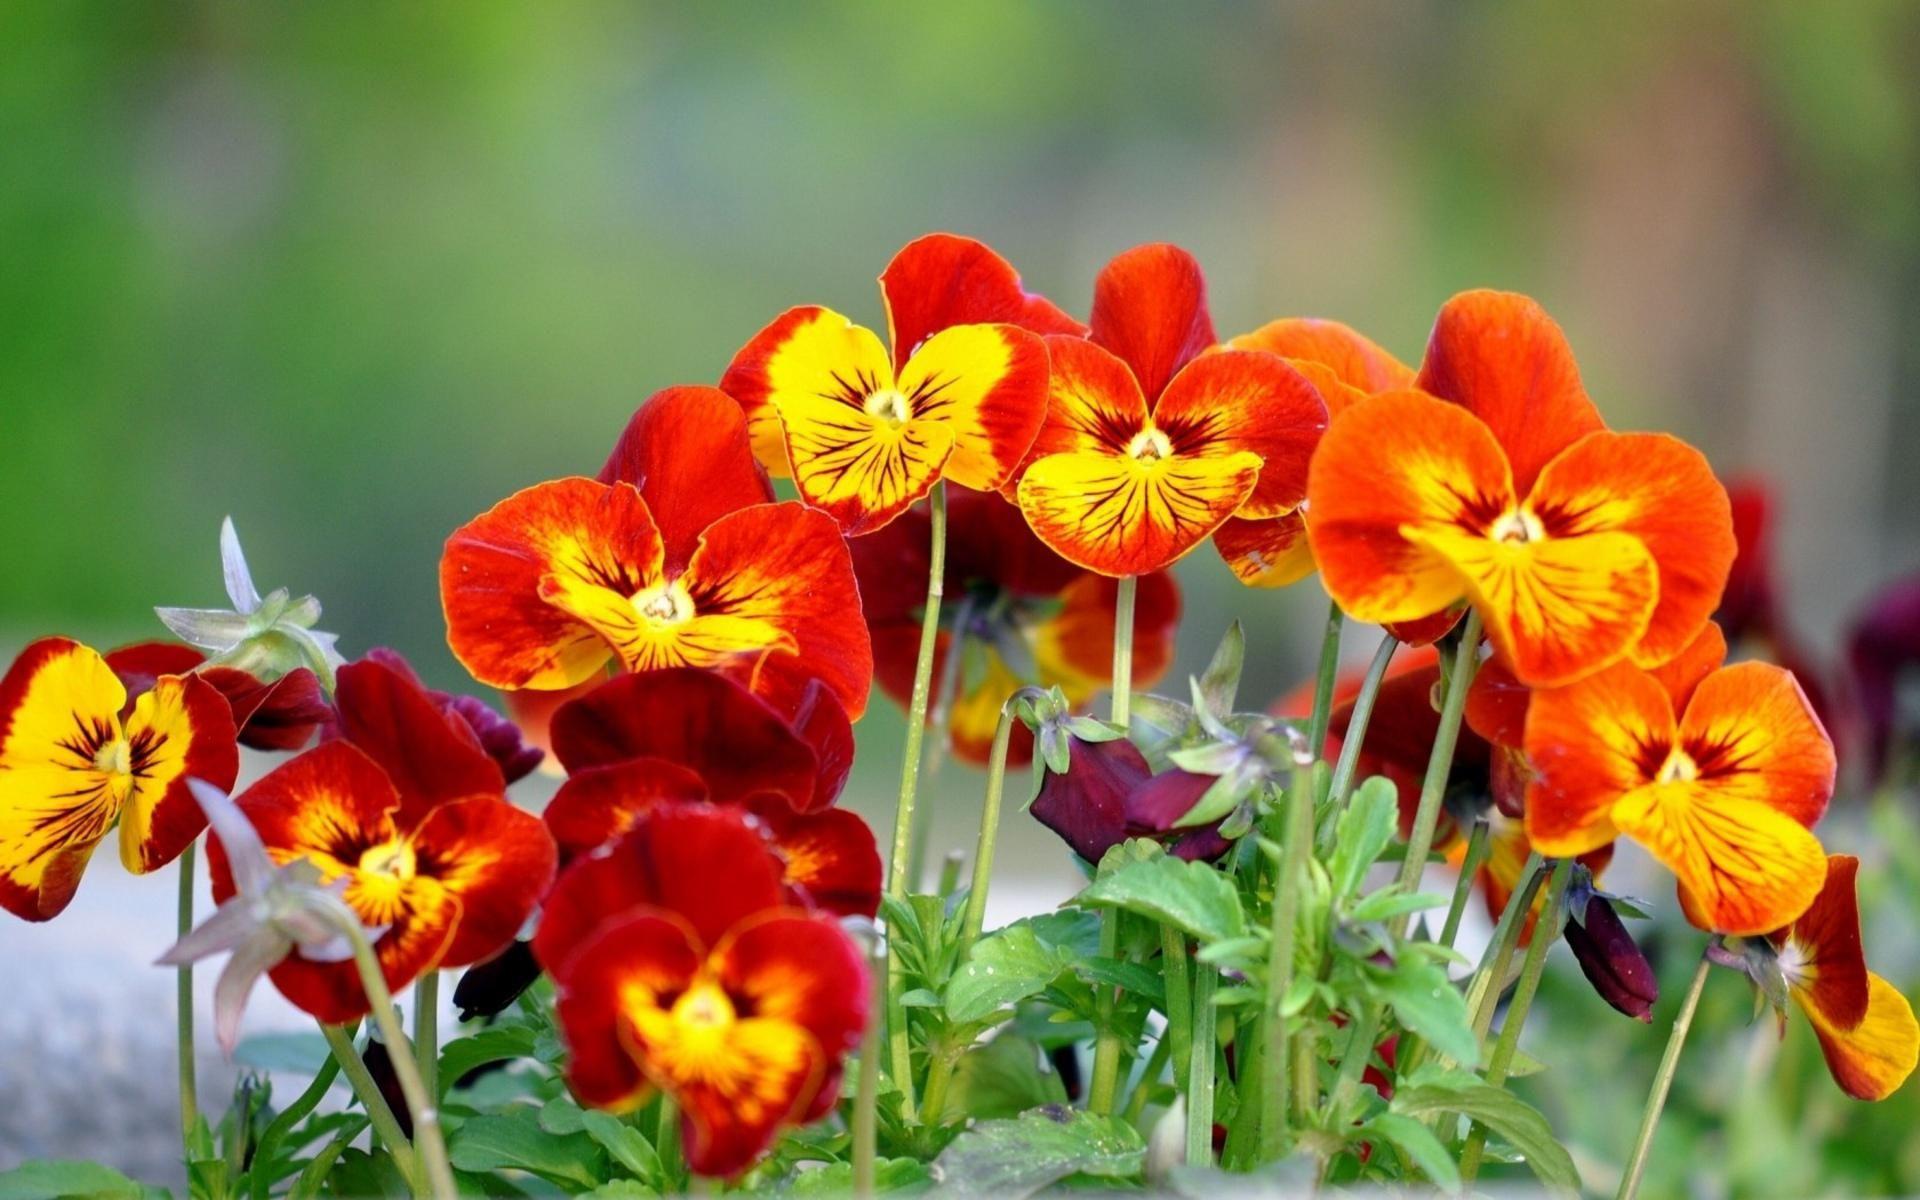 Hình ảnh loài hoa đẹp rực rỡ sắc màu